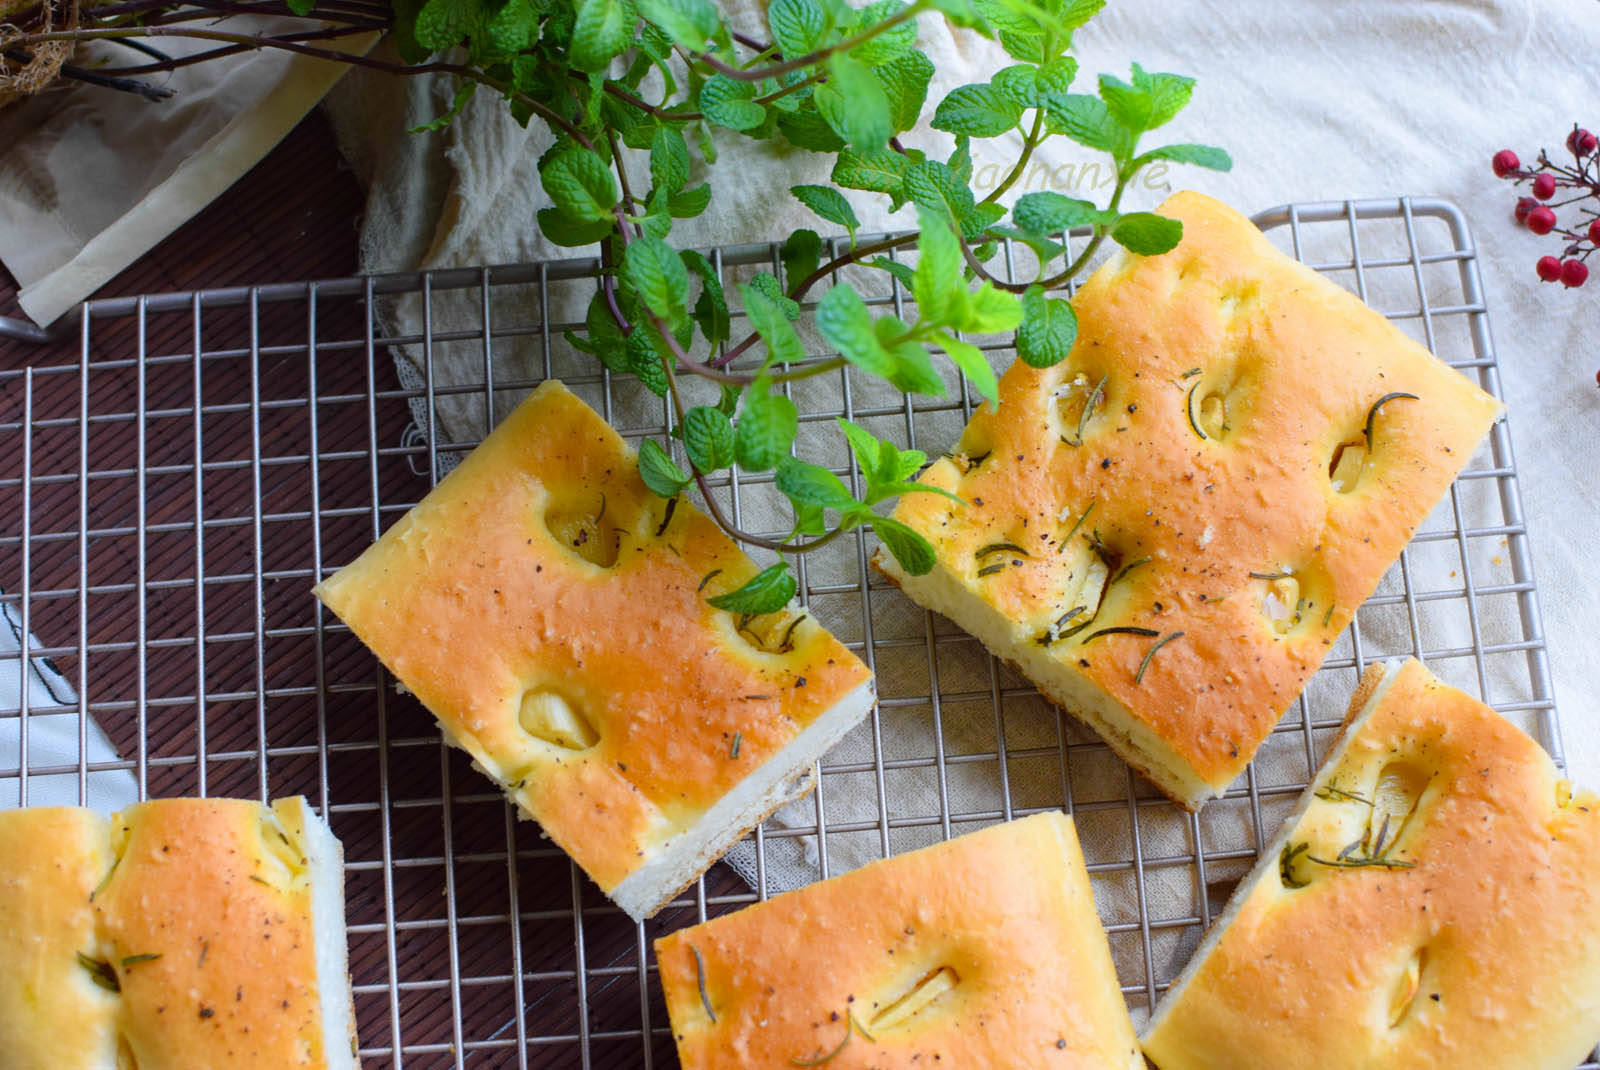 配料低糖少油,揉面不用出膜,中式口味快手面包,做法特简单